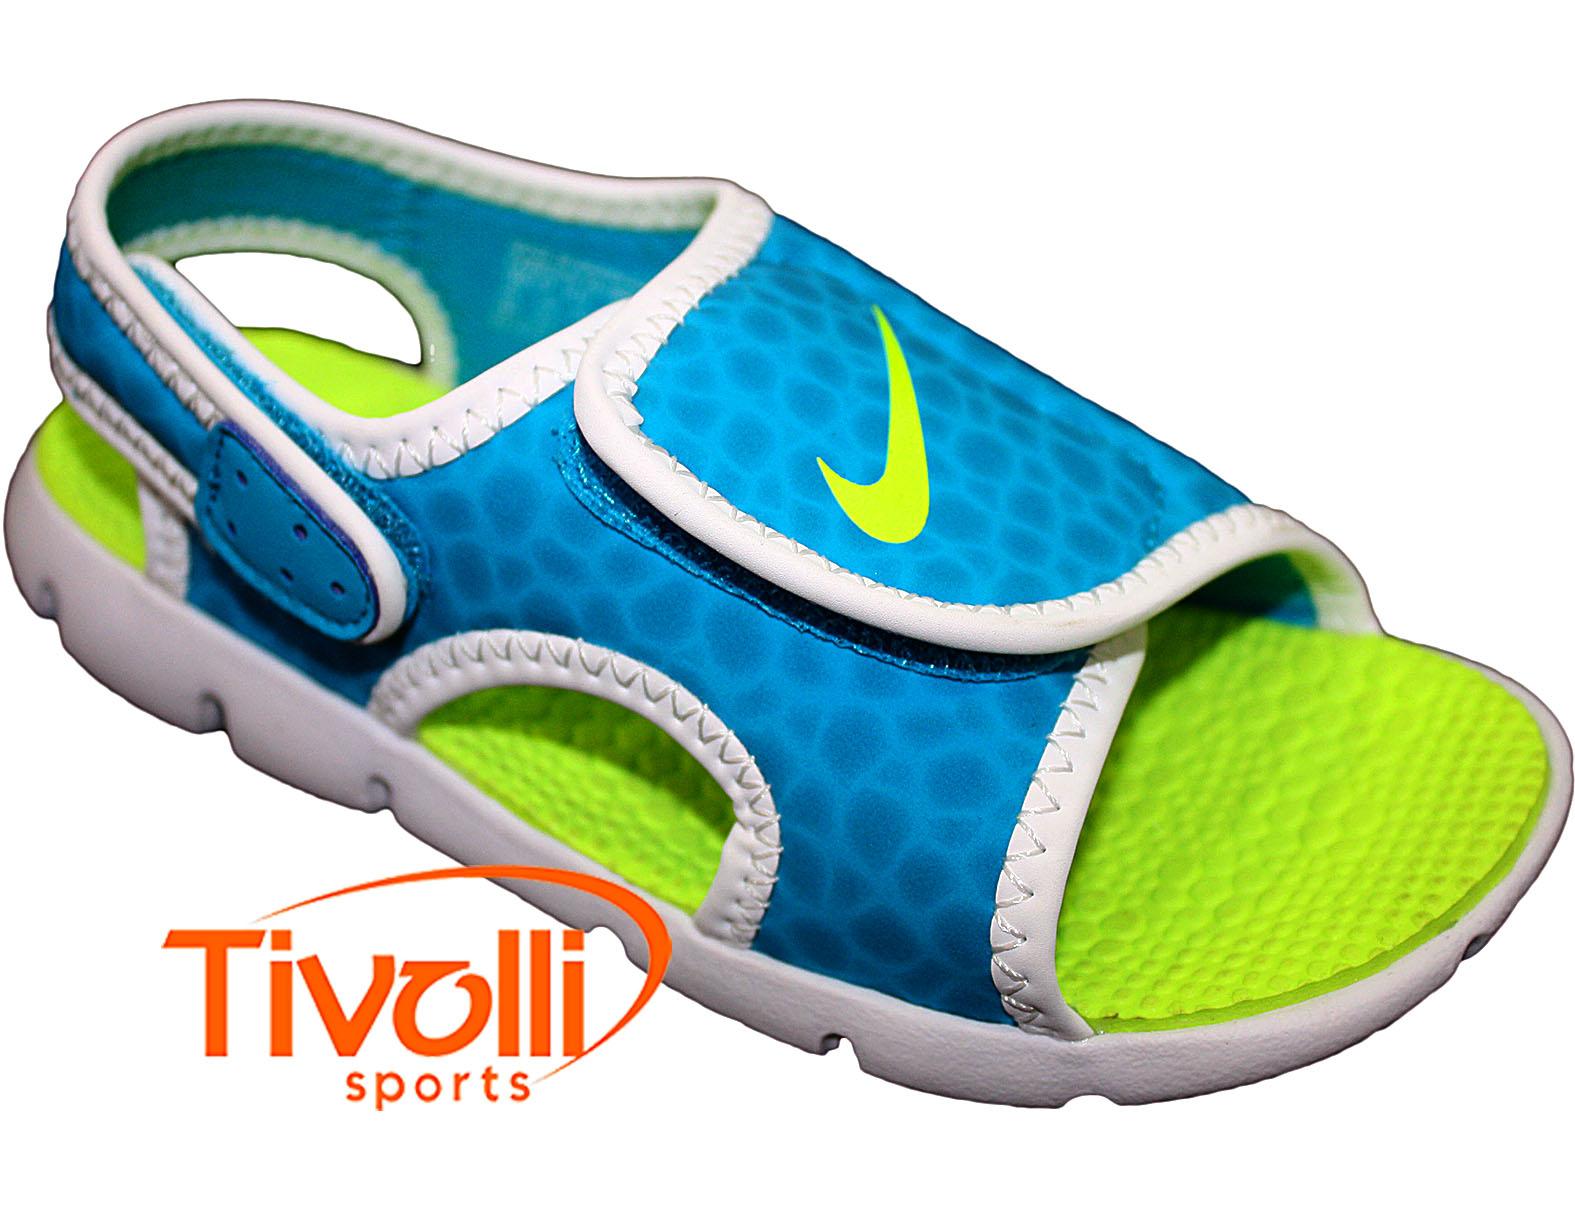 f9b5bb8c1 Sandália Nike Sunray Adjust 4 (GS/PS) Infantil 27 ao 33,5 Azul, Limão e  Branco